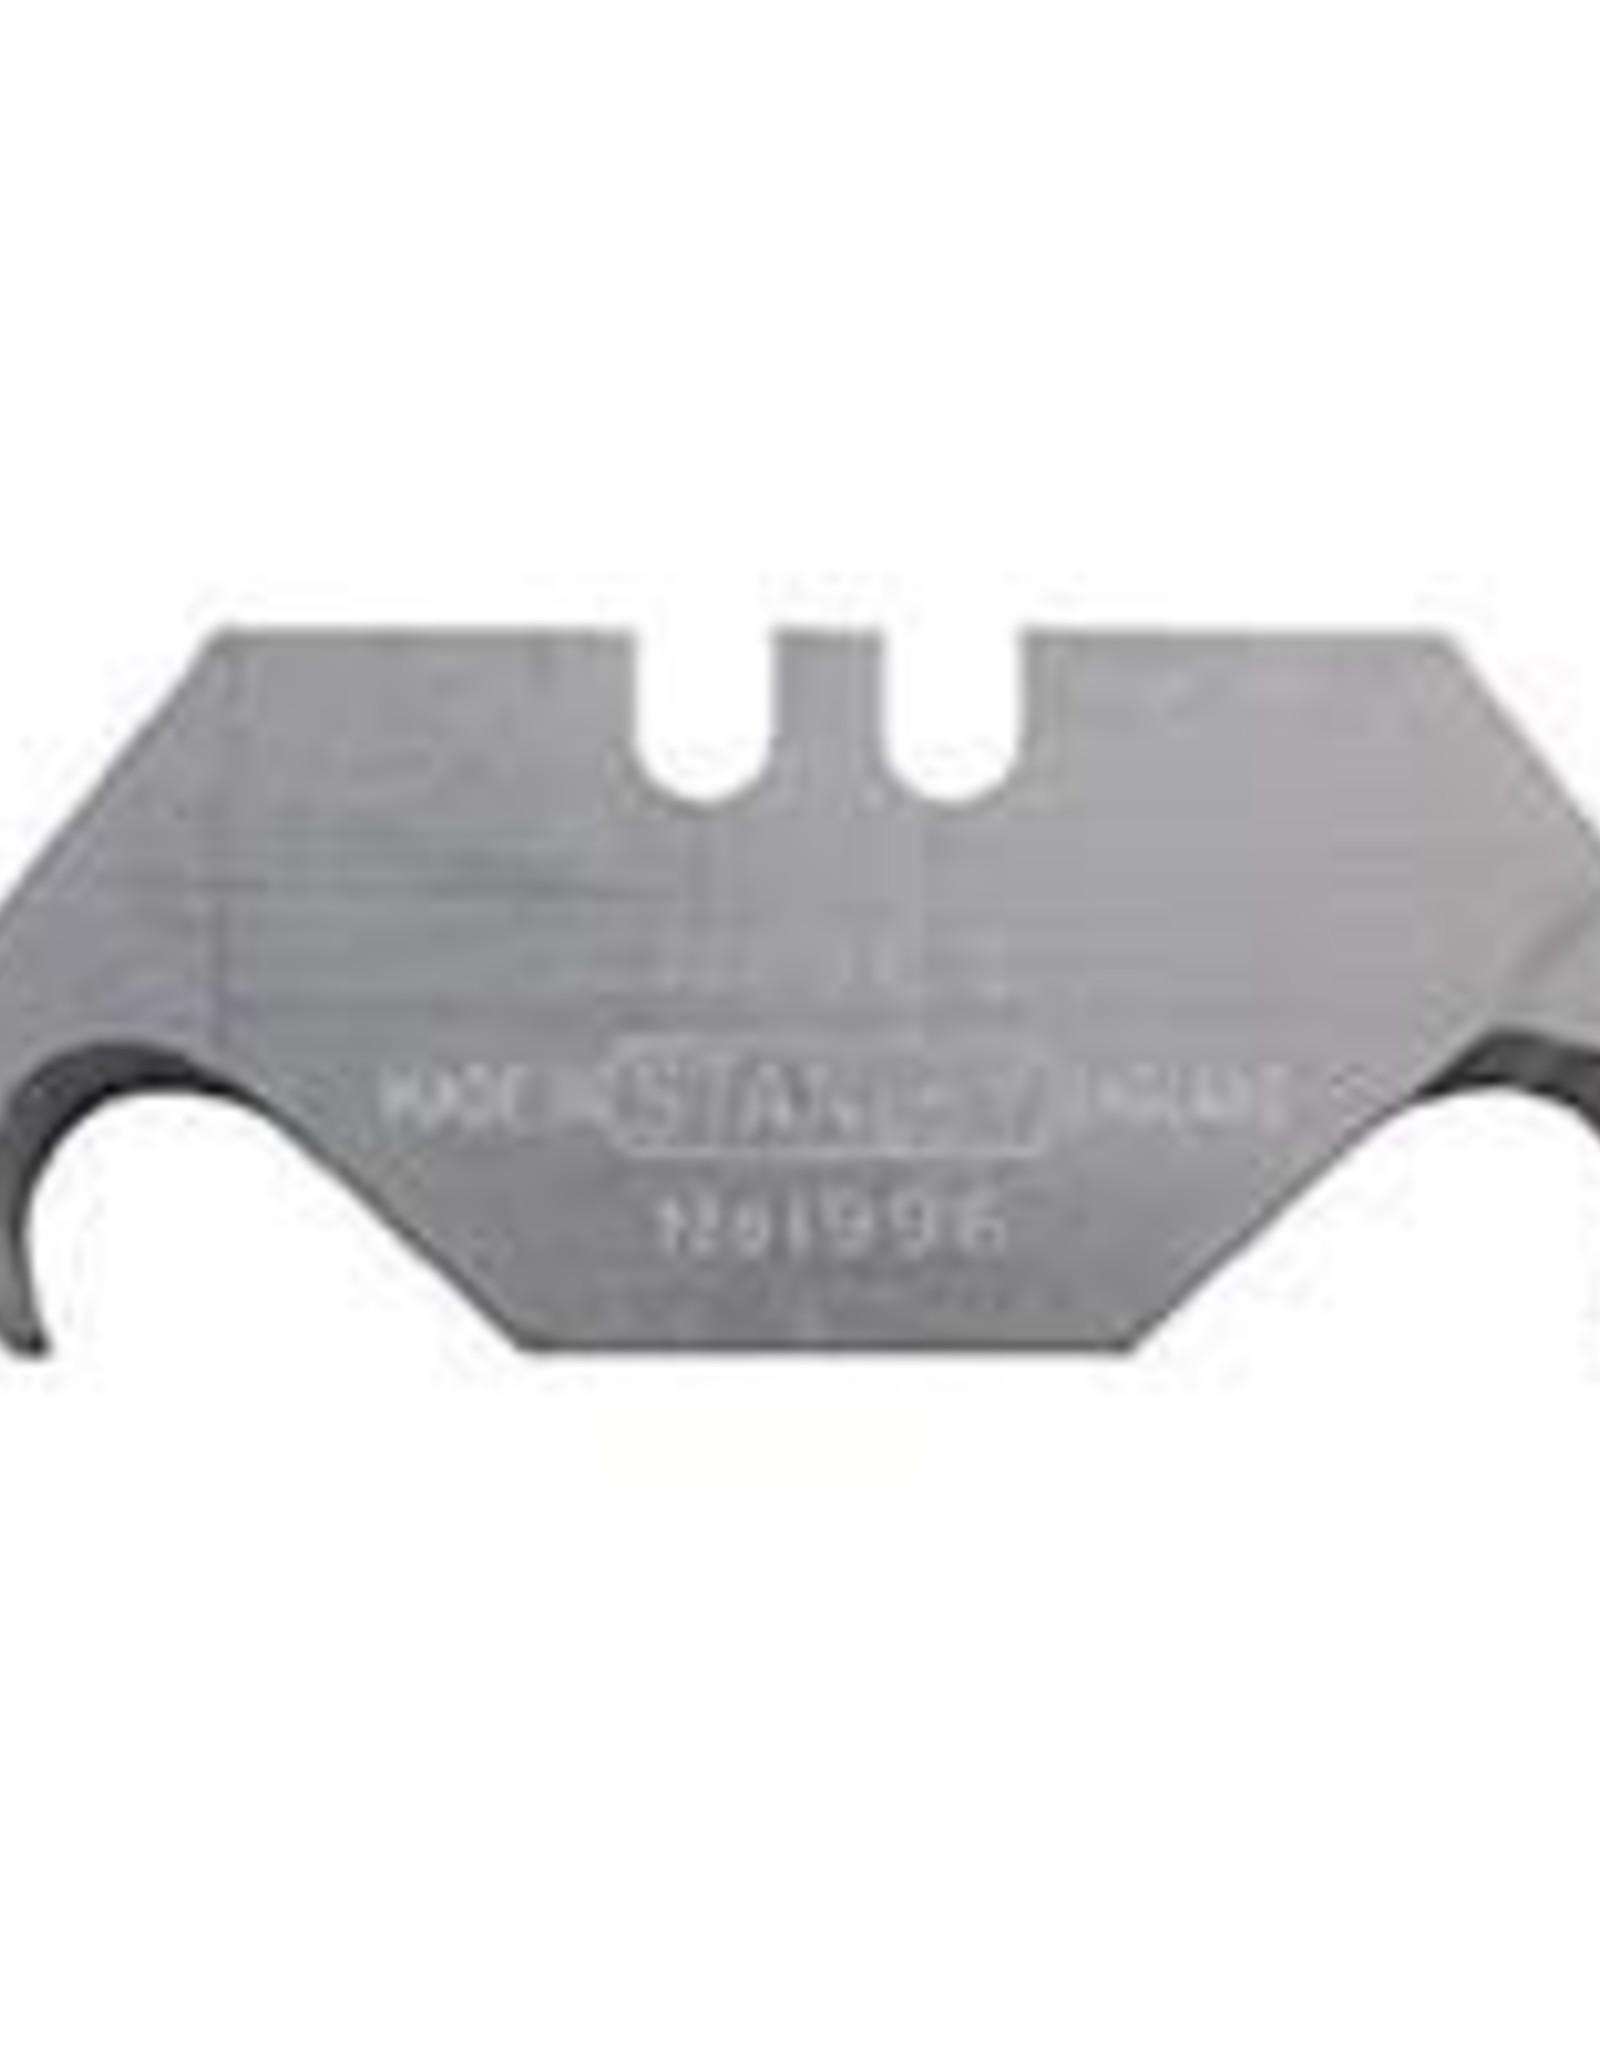 Stanley Tools Stanley - Large Hook Blade 5 Pack